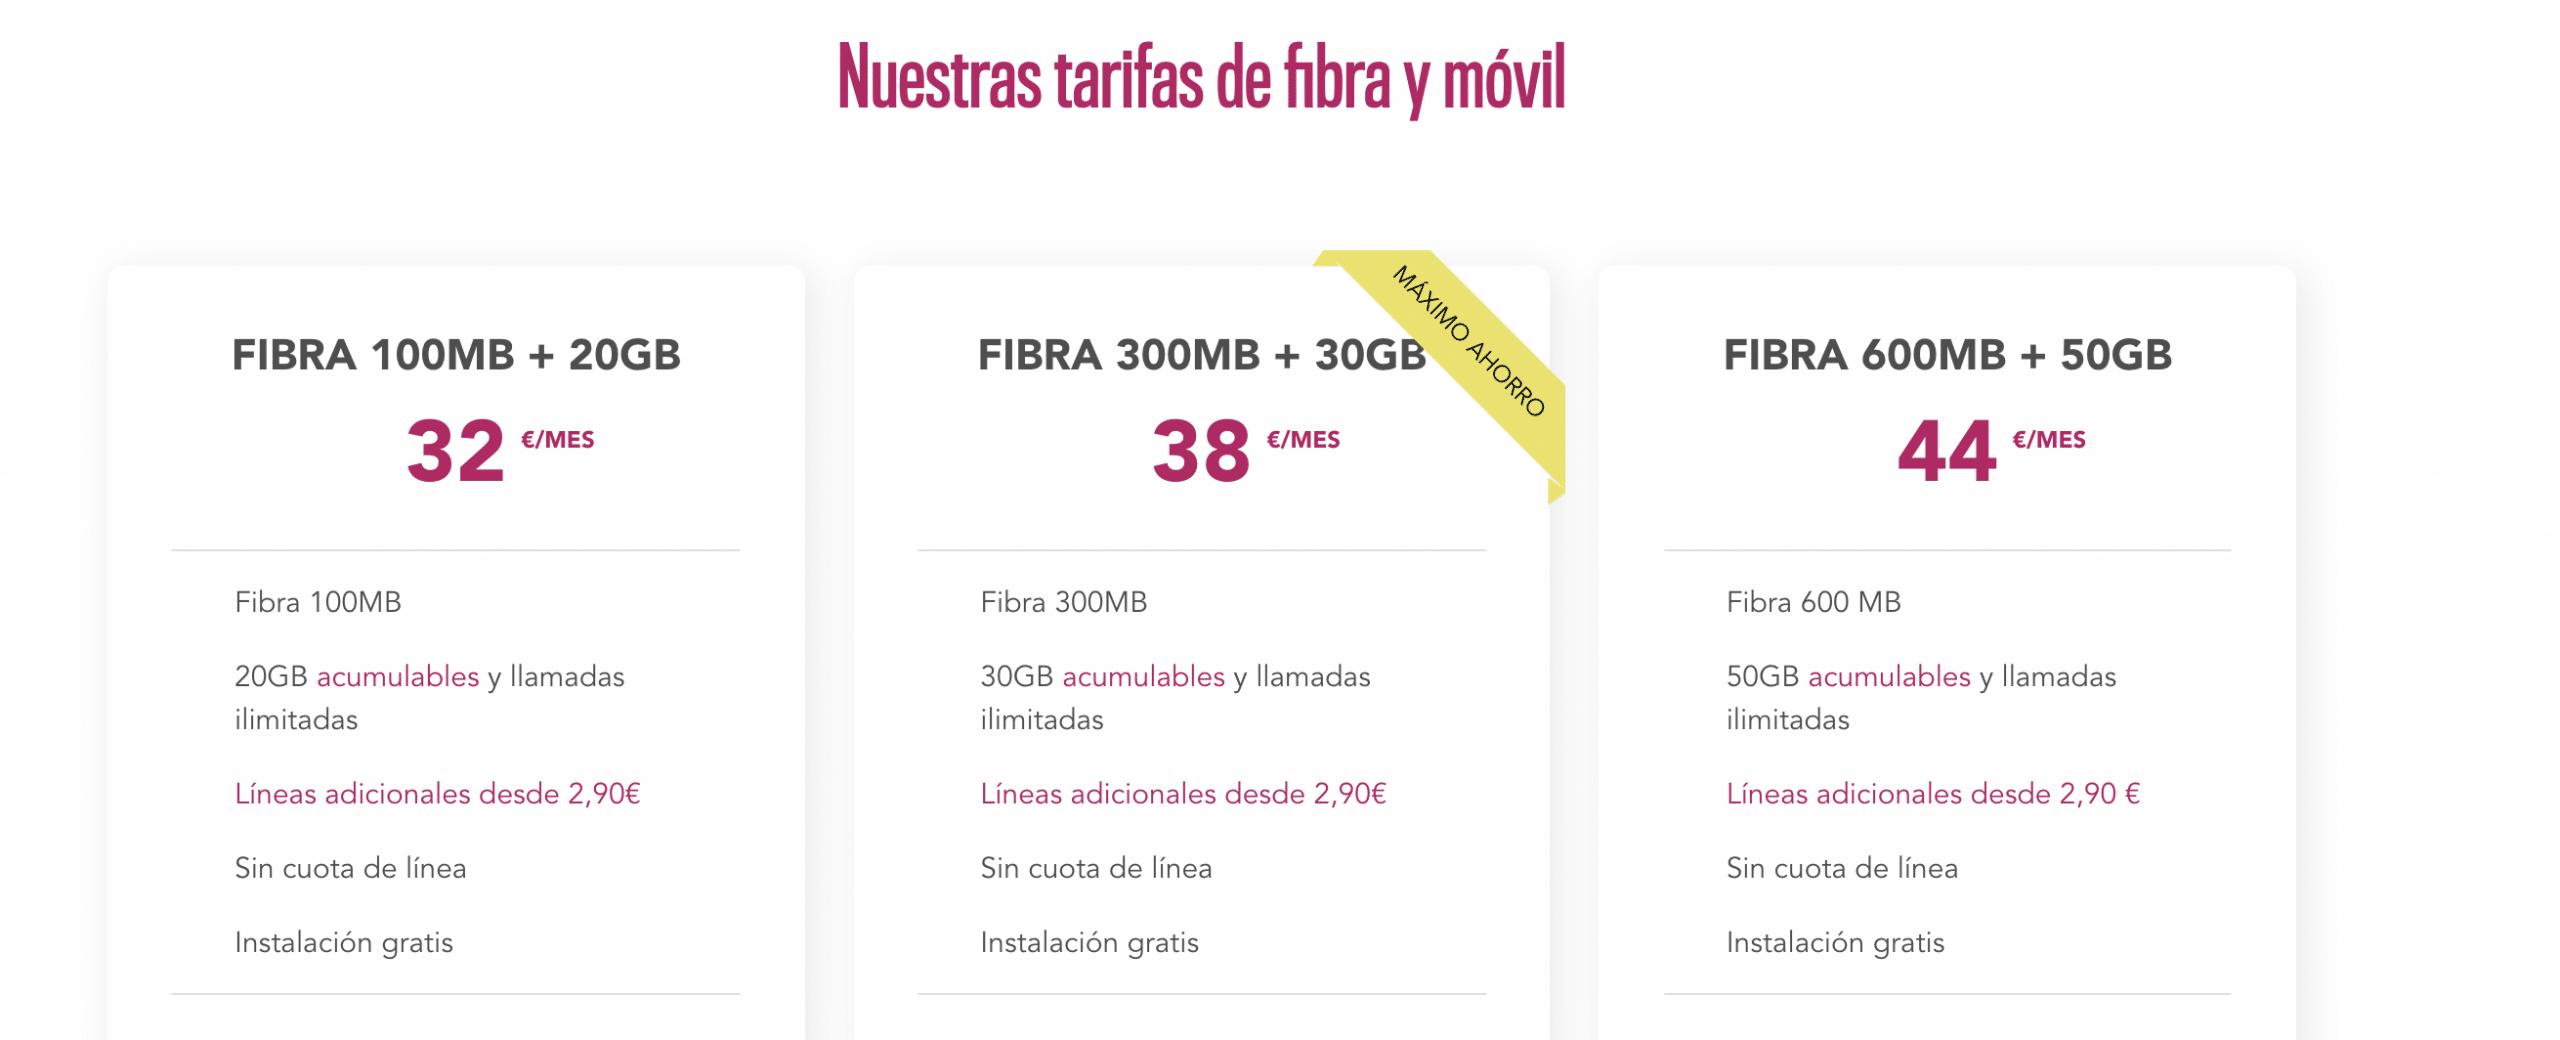 Tarifas Fibra Movil Olephone 2021